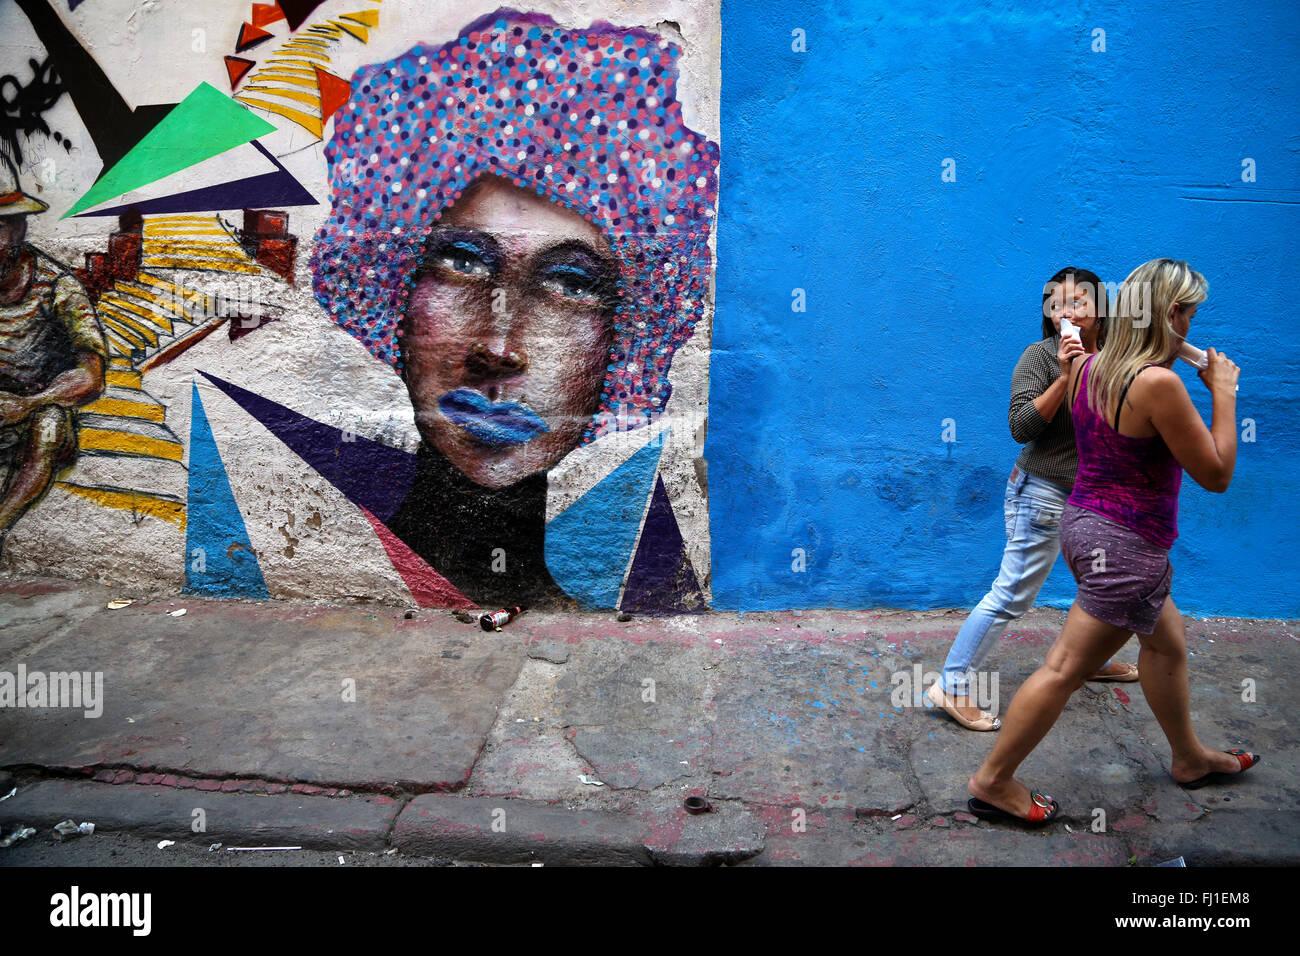 Malerei Kunst in einer Straße von Rio de Janeiro, Brasilien Stockfoto